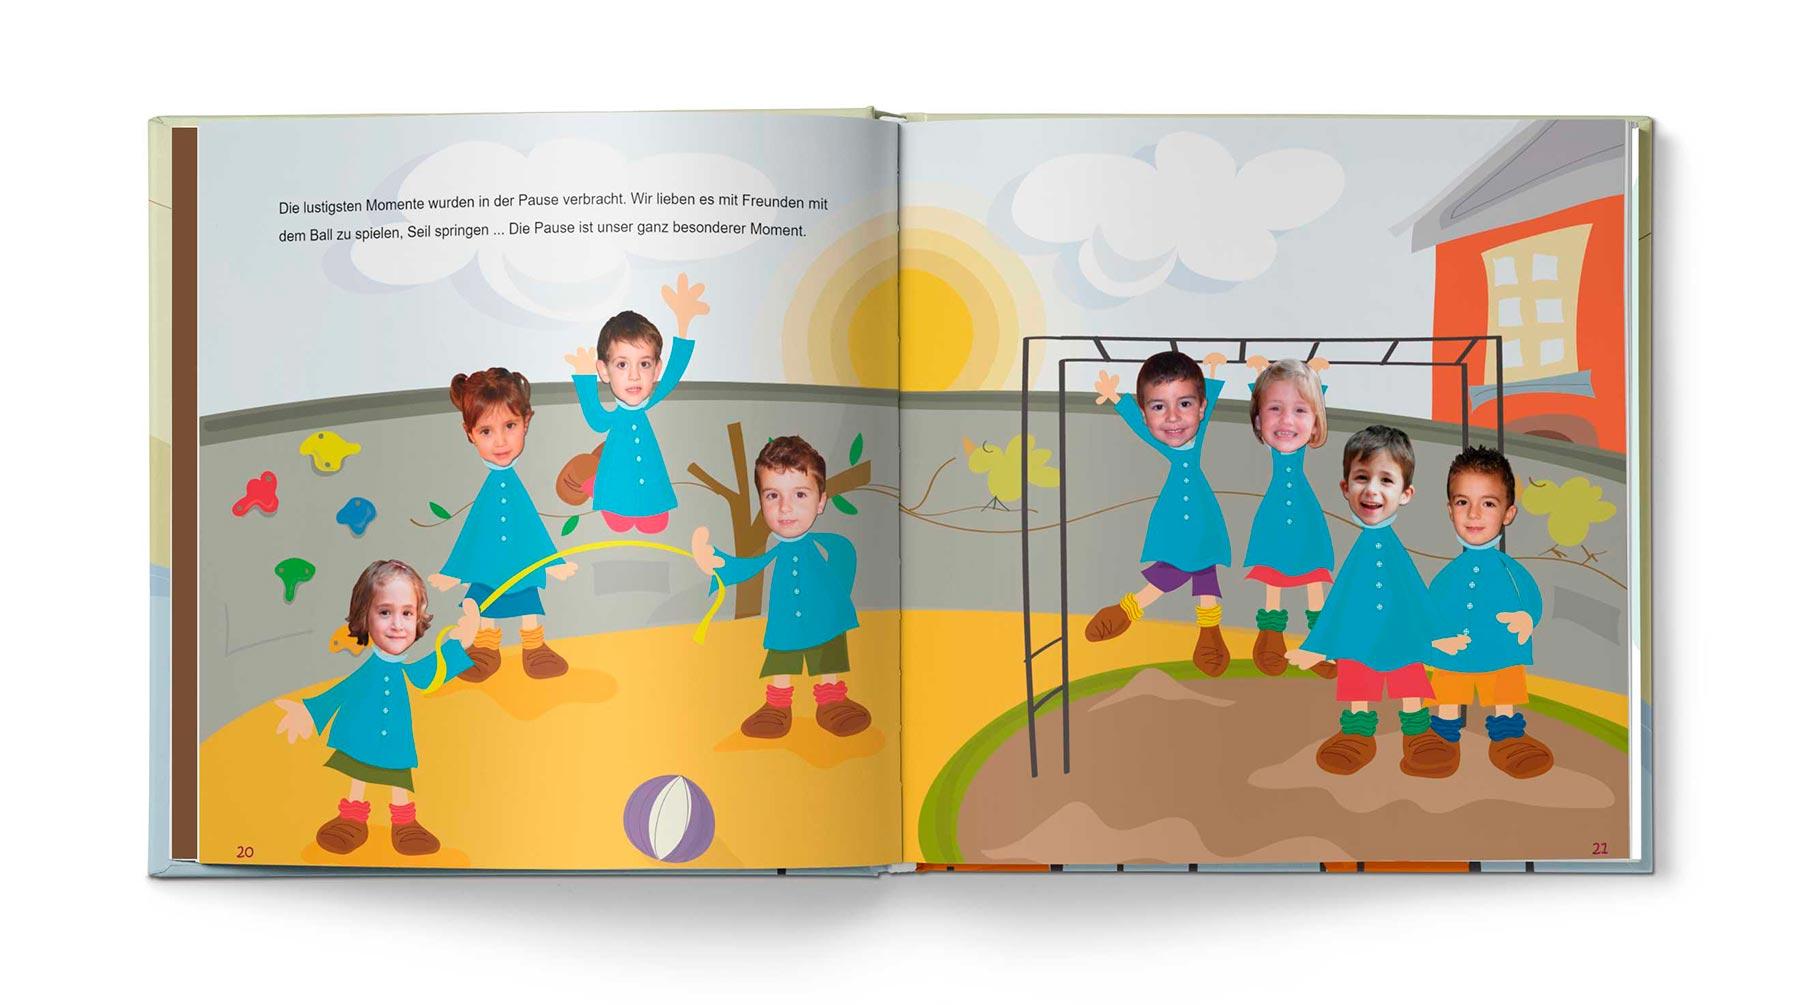 Geschichte Das Schulbuch - Bild 10